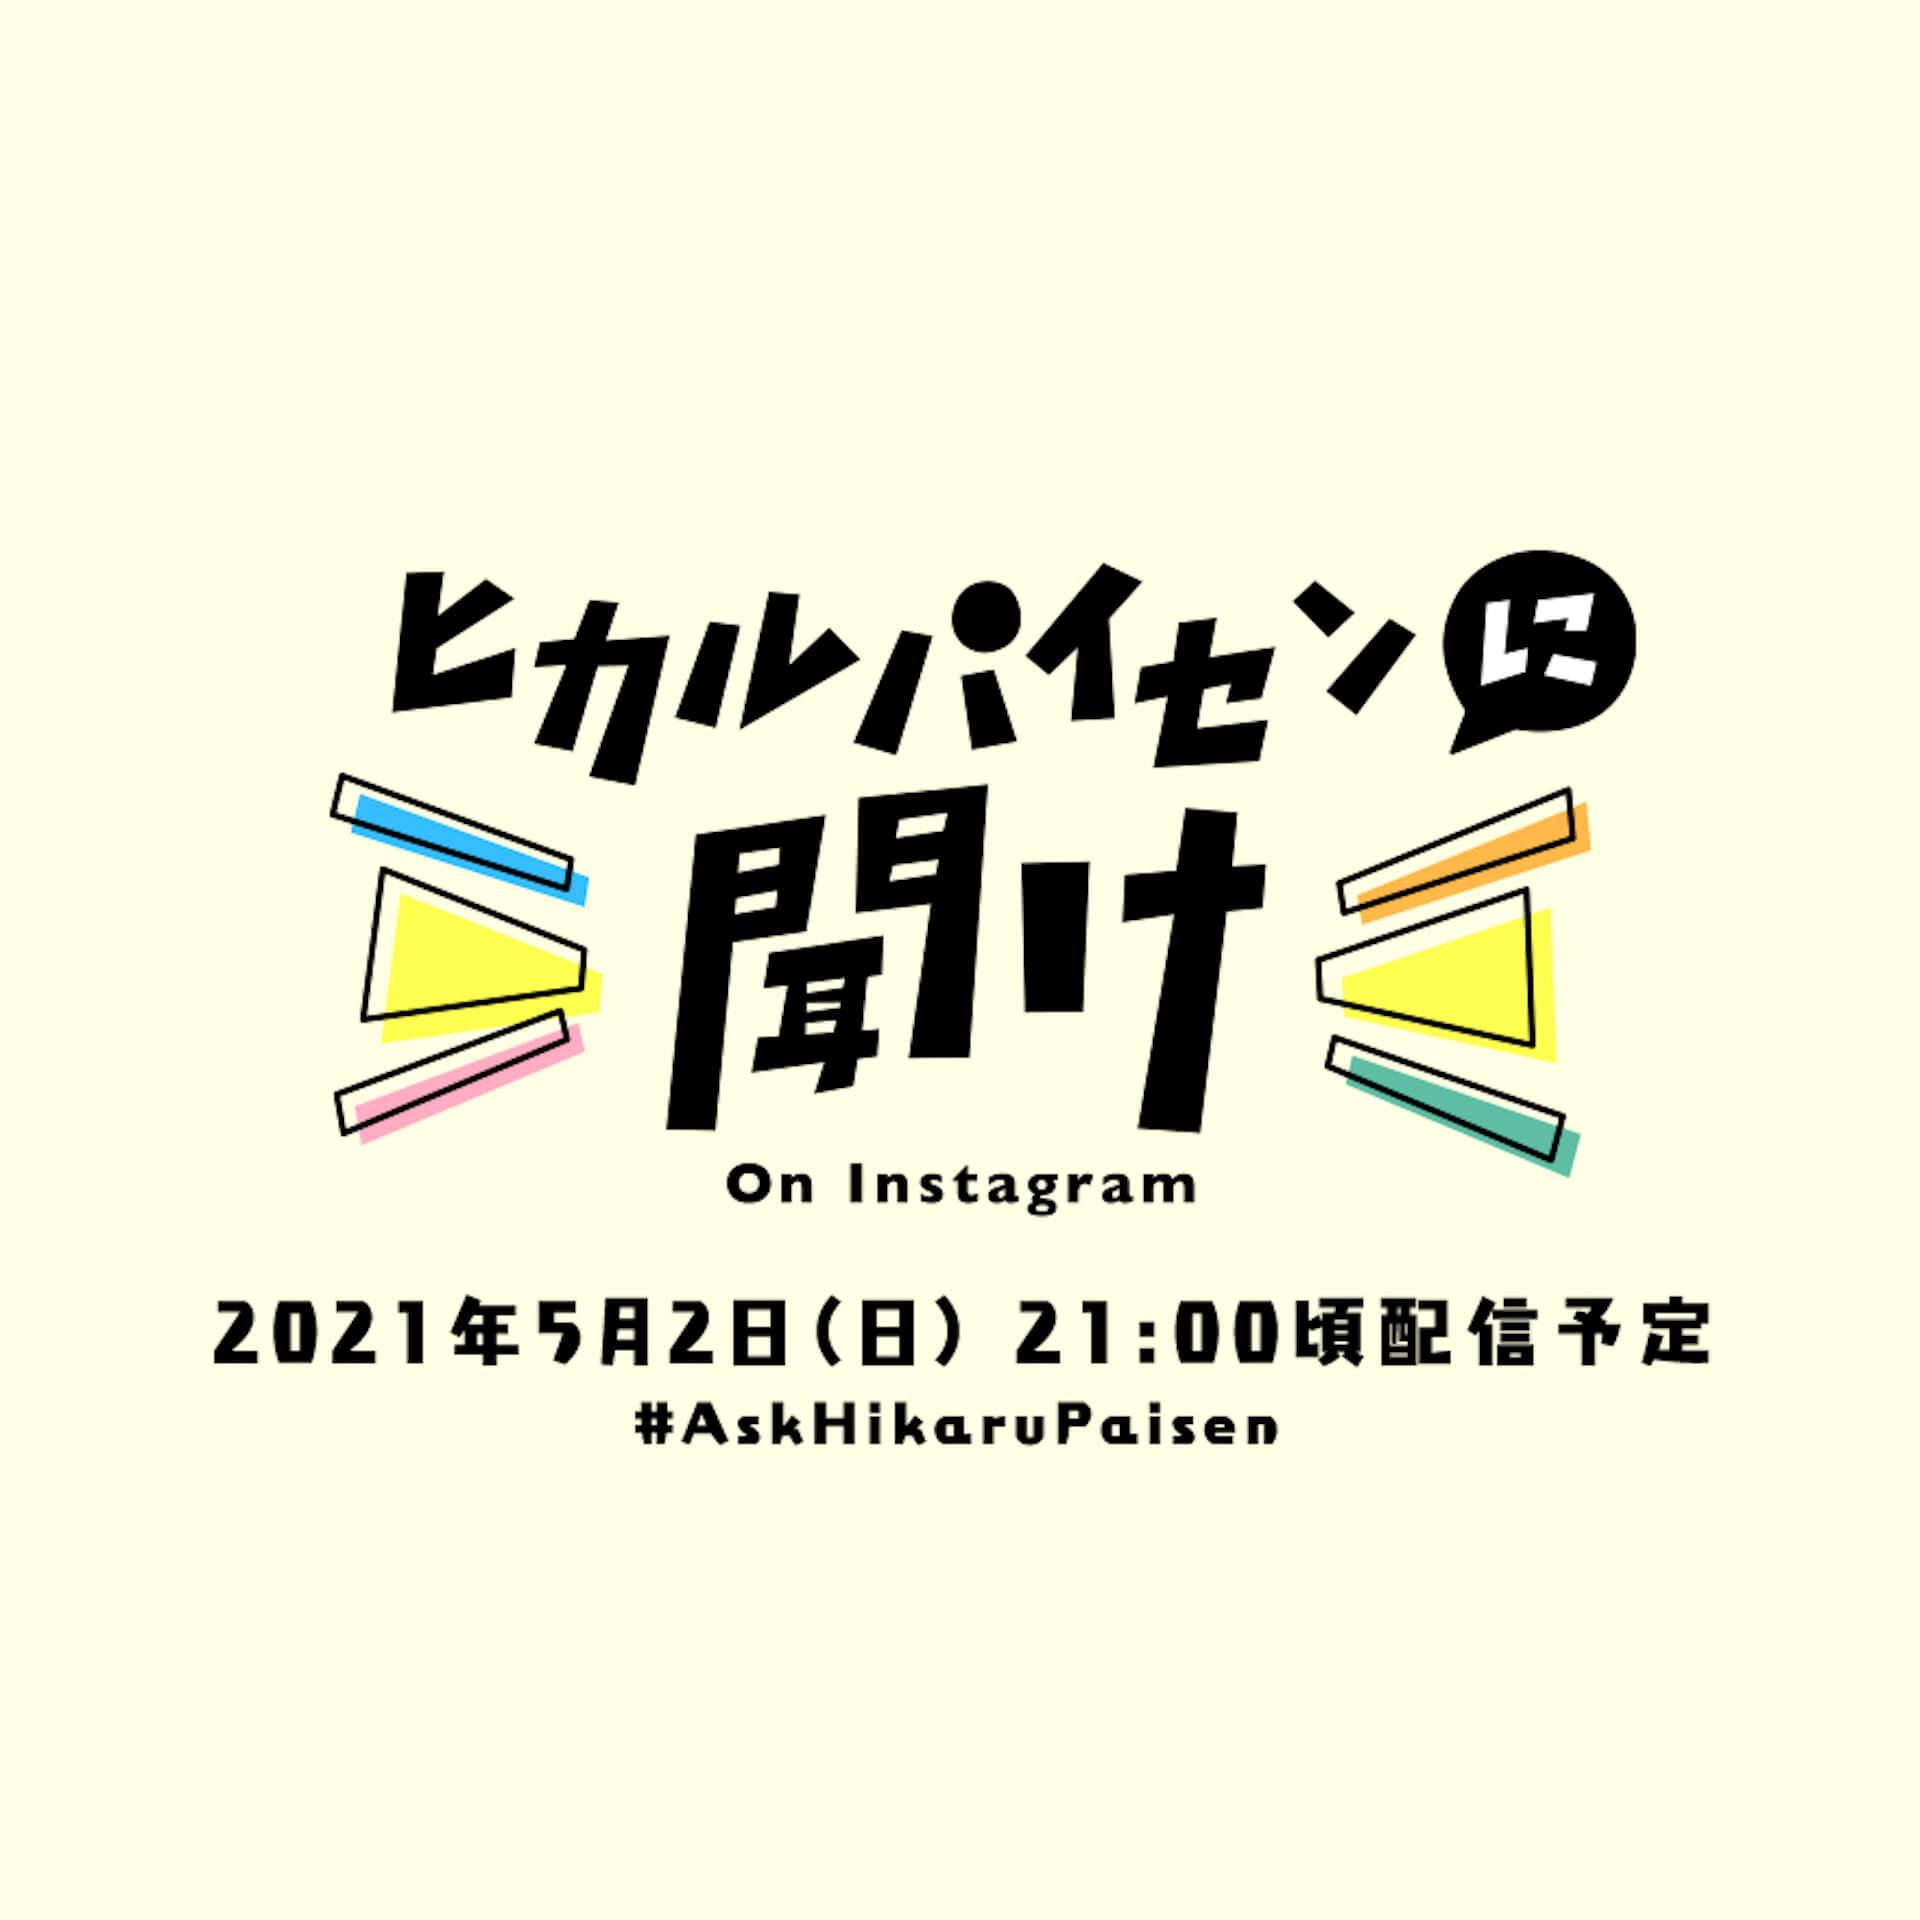 宇多田ヒカルによる人気Instagram番組『ヒカルパイセンに聞け!』が1日限定で復活! music210426_utadahikaru_2